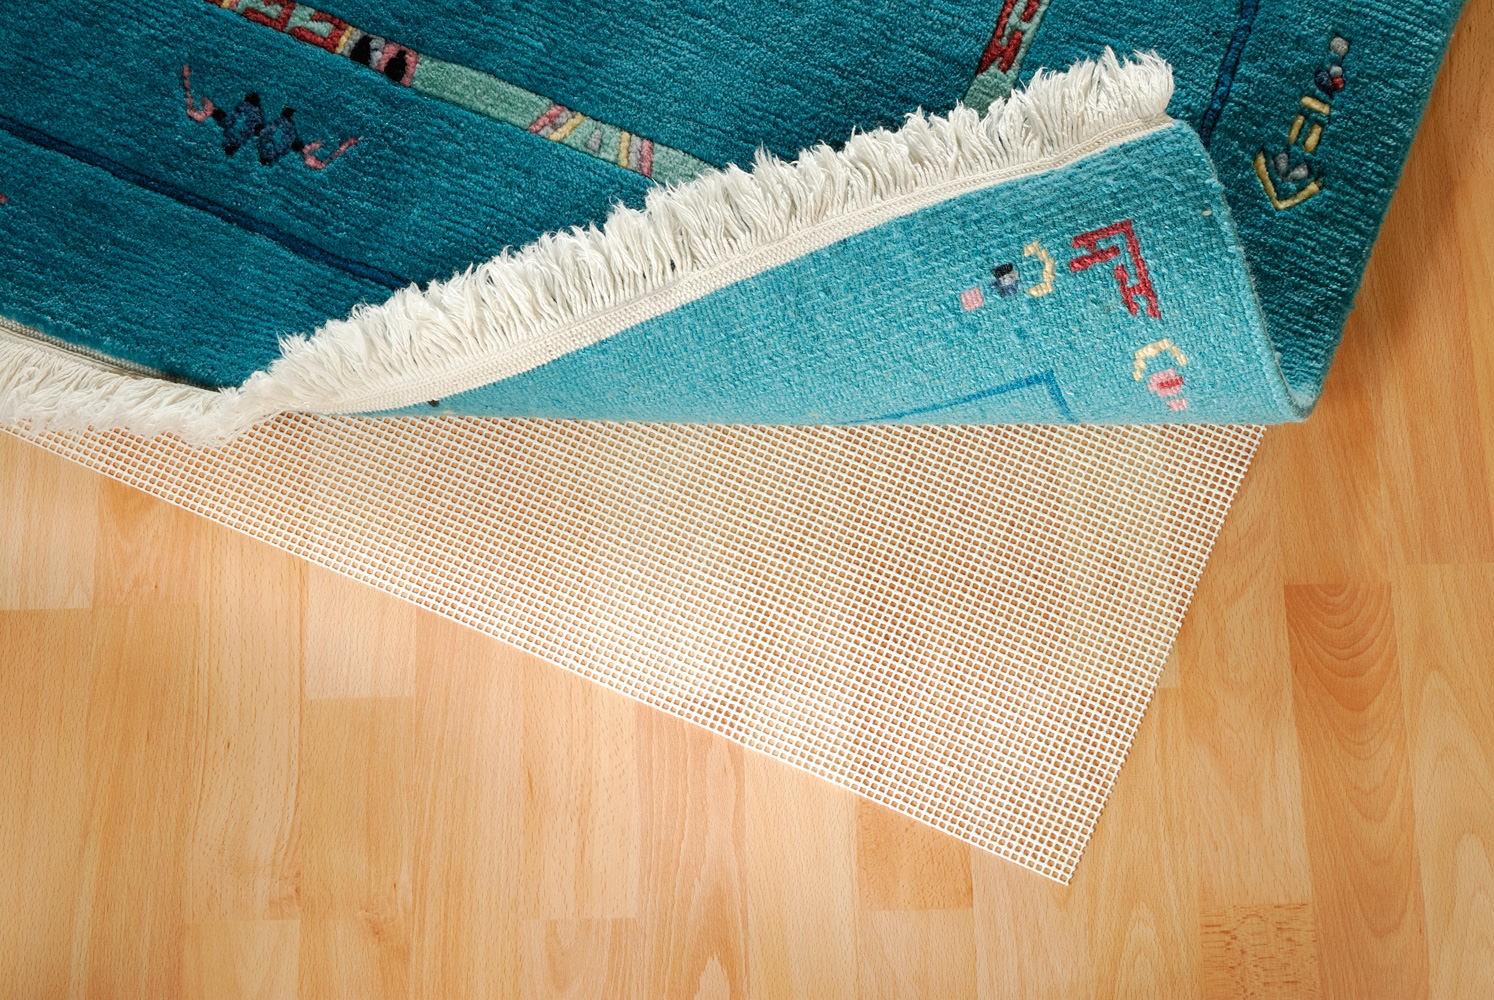 Teppichunterlage Gitter Star breite 210 cm (für glatte Böden)